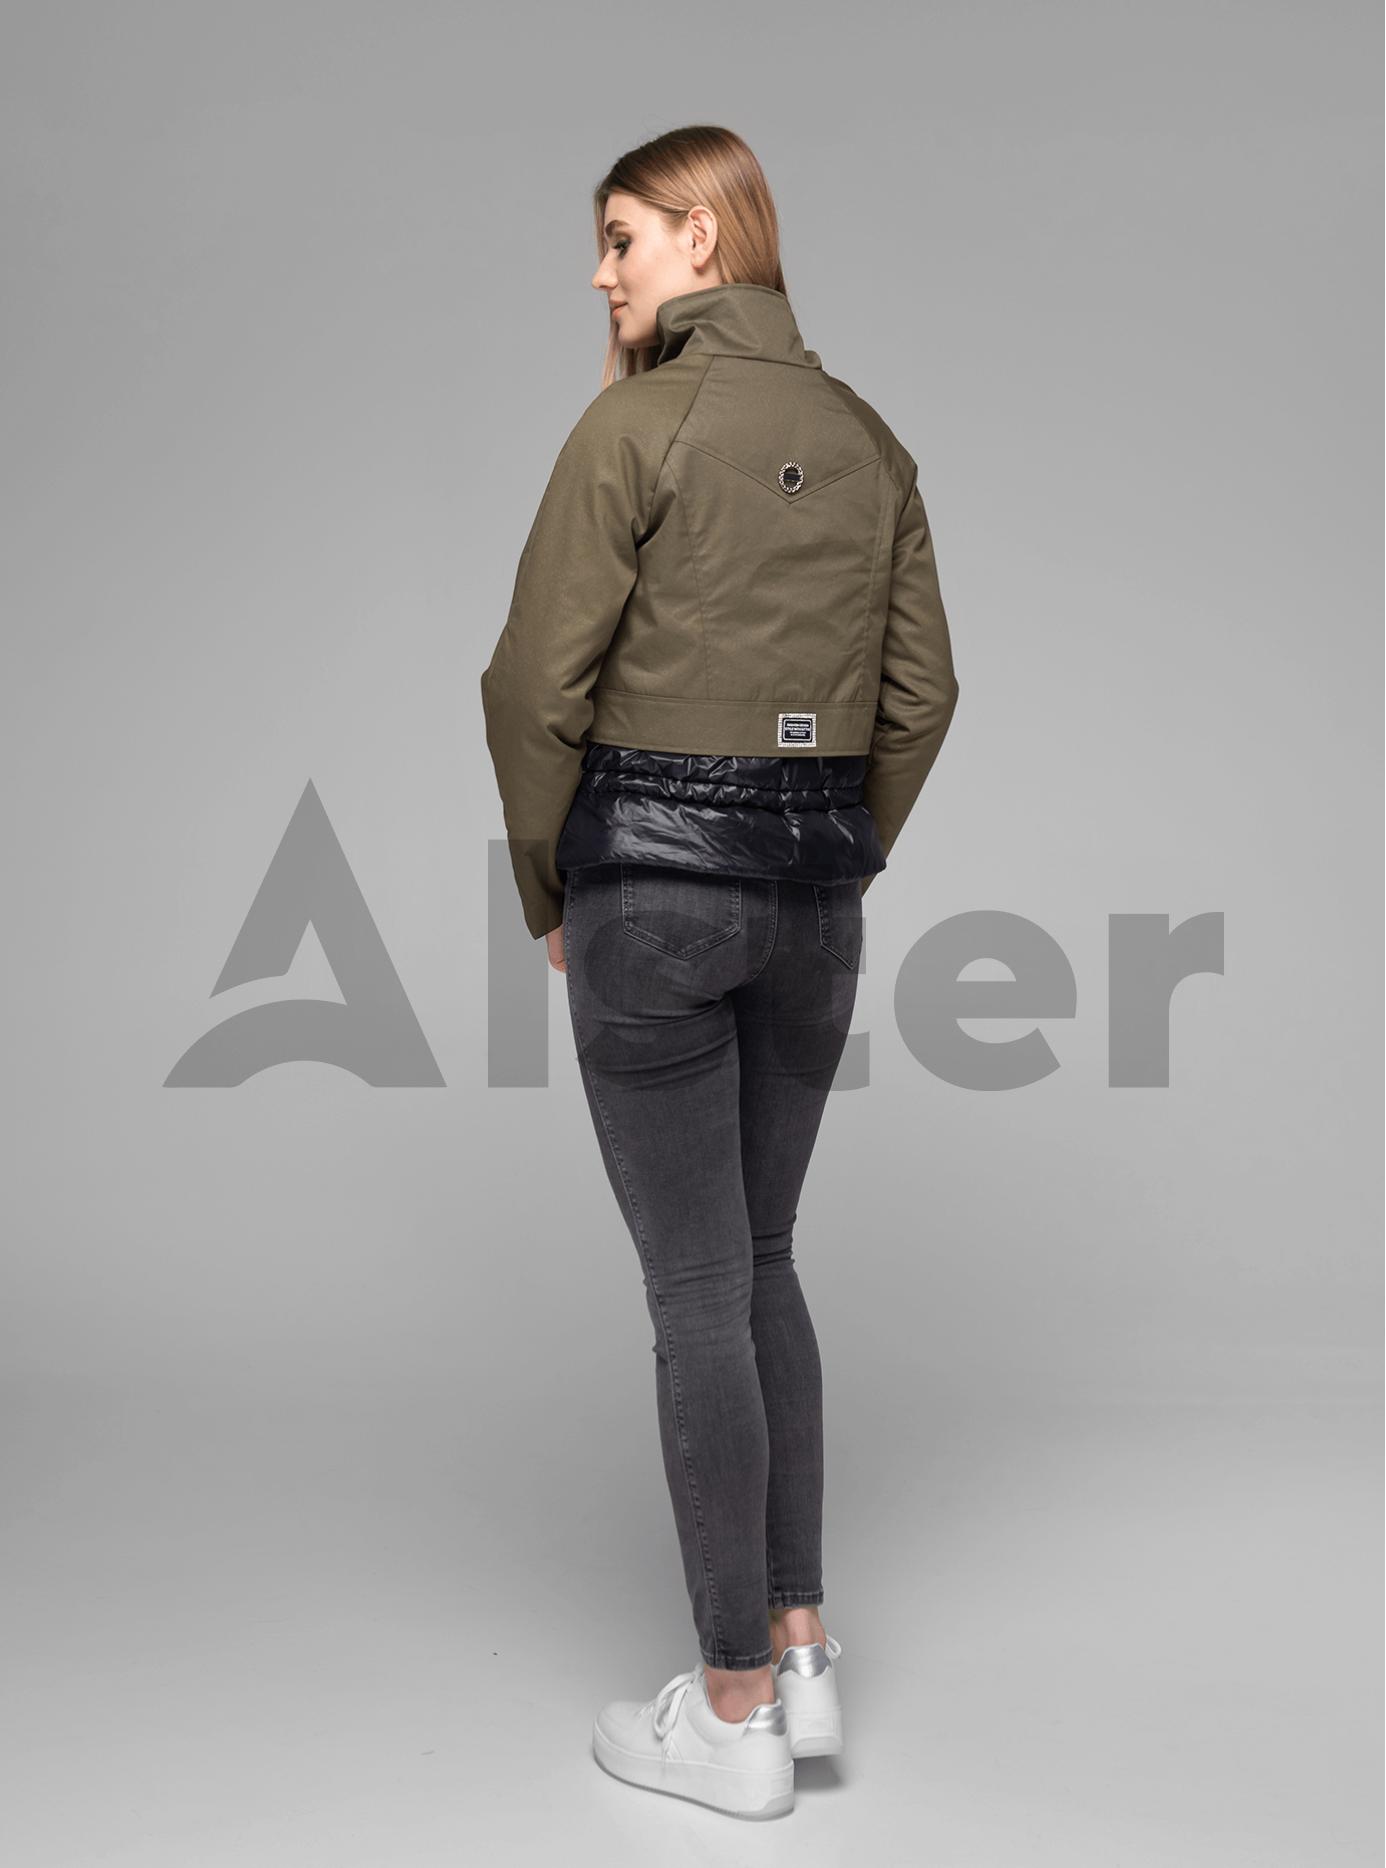 Куртка женская короткая с ремешком Хаки XL (02-V191009): фото - Alster.ua